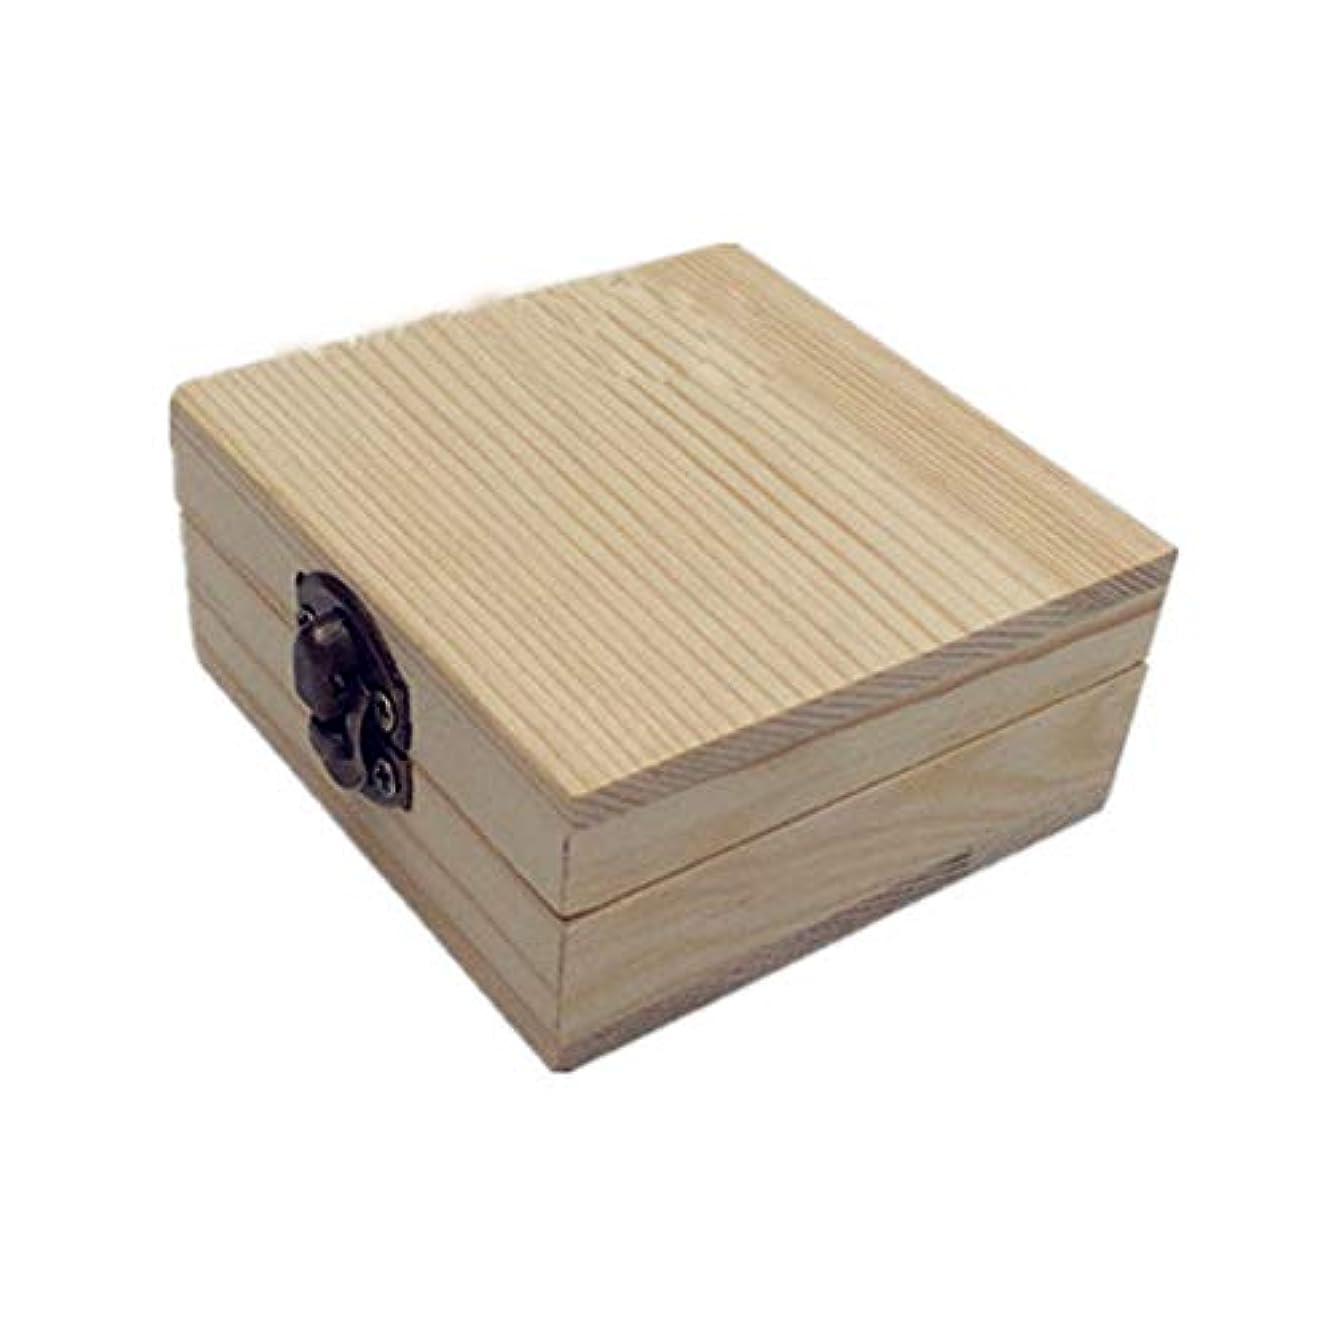 剣レース成長するエッセンシャルオイルの保管 木製のエッセンシャルオイルボックスパーフェクトエッセンシャルオイルケースは2本のボトルエッセンシャルオイルのために保持します (色 : Natural, サイズ : 7X7X3.5CM)